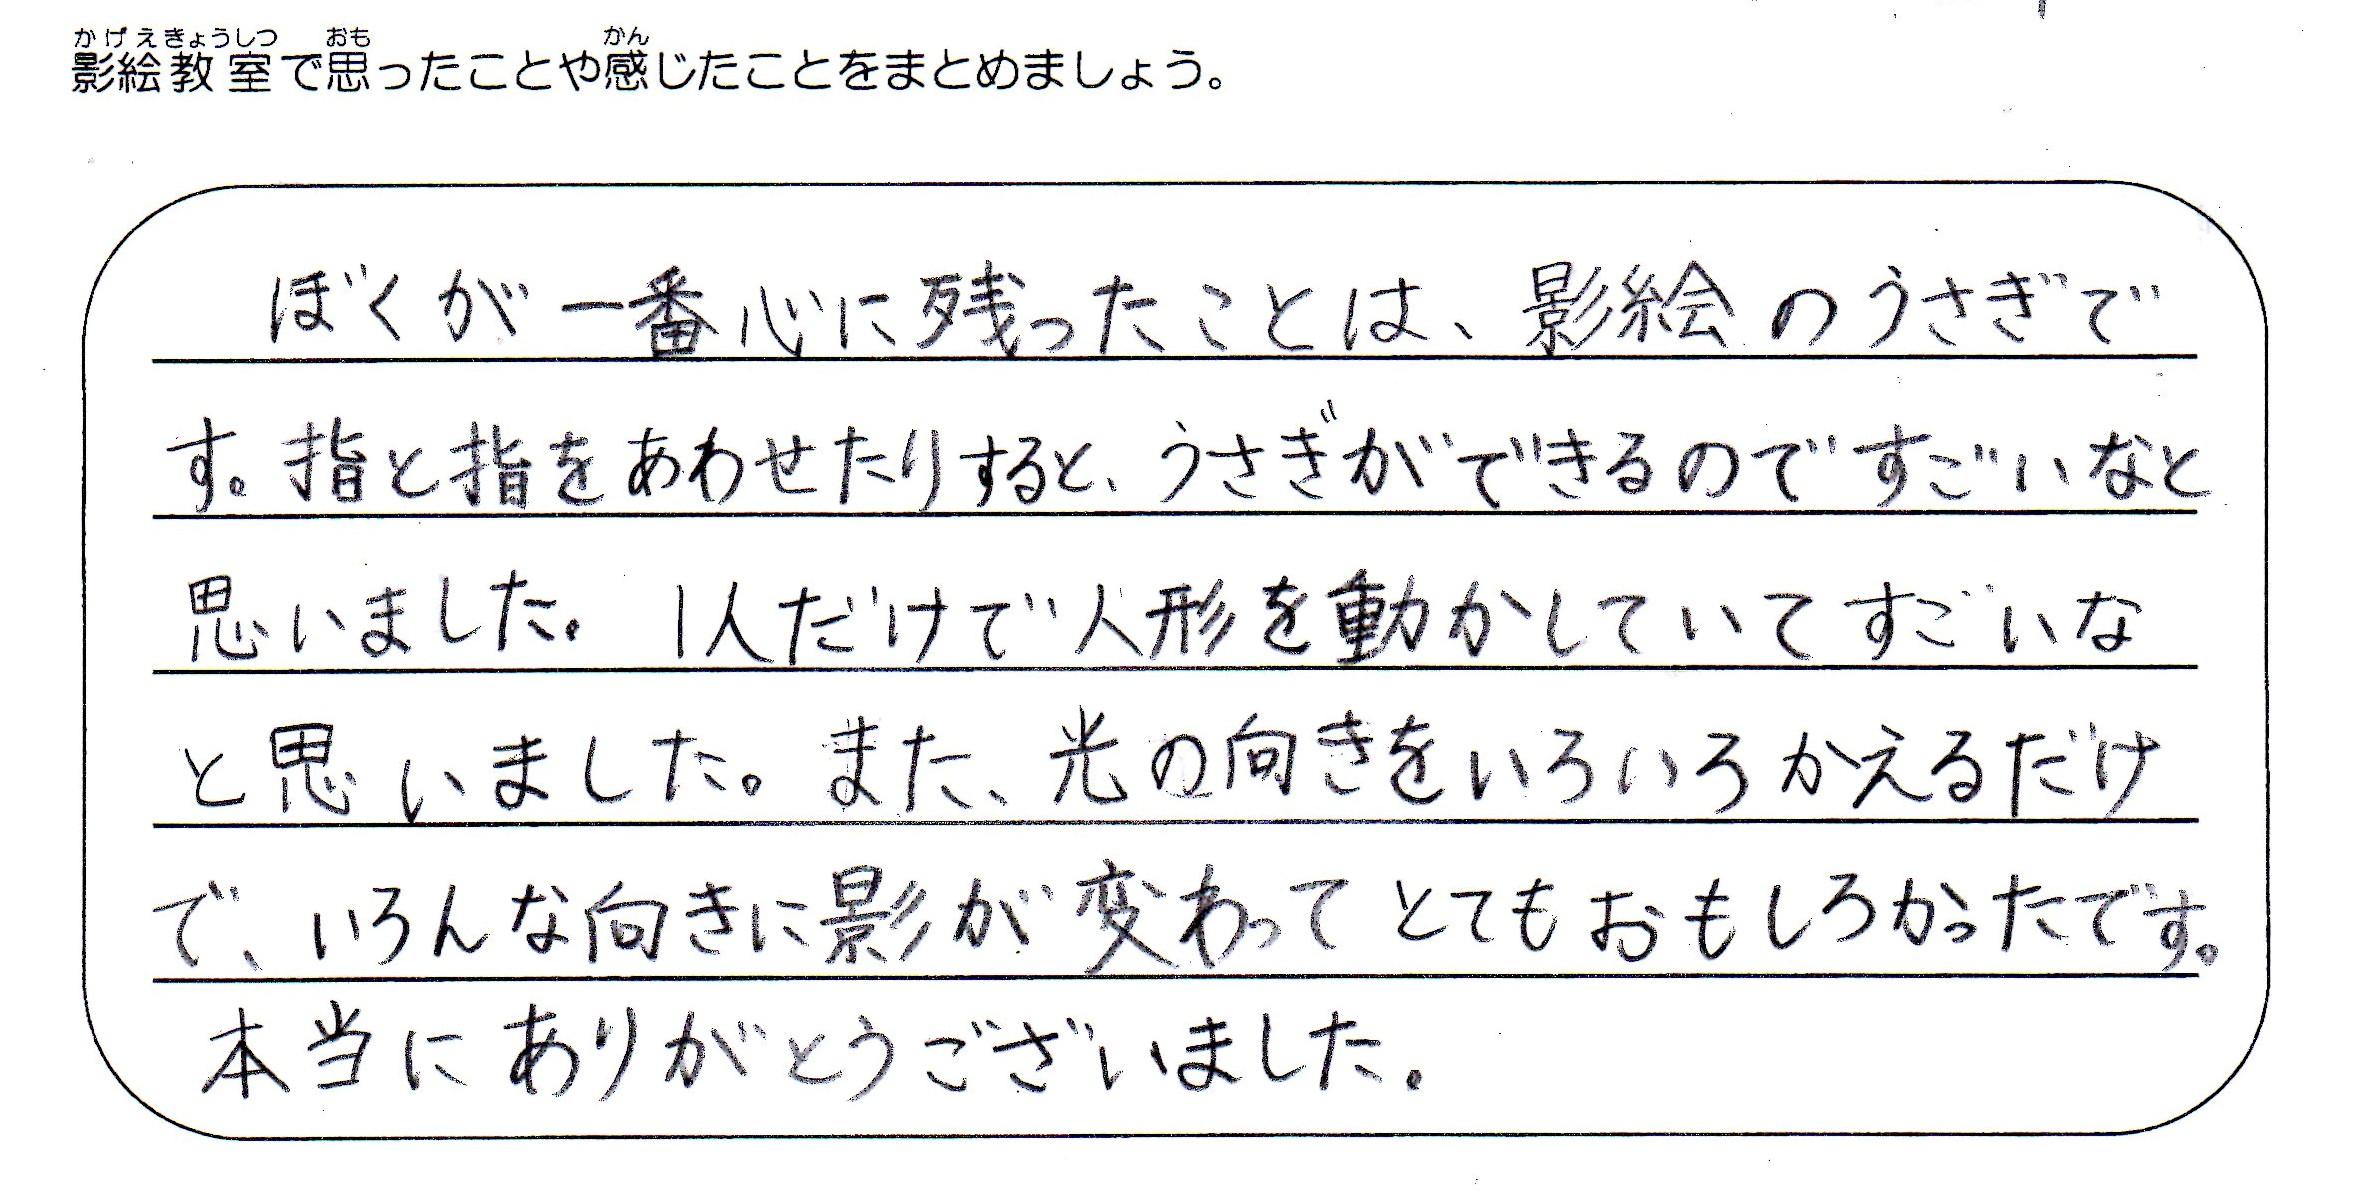 2019年9月10日(火)千葉県野田市立福田第二小学校で公演をしました。6年生の声です。